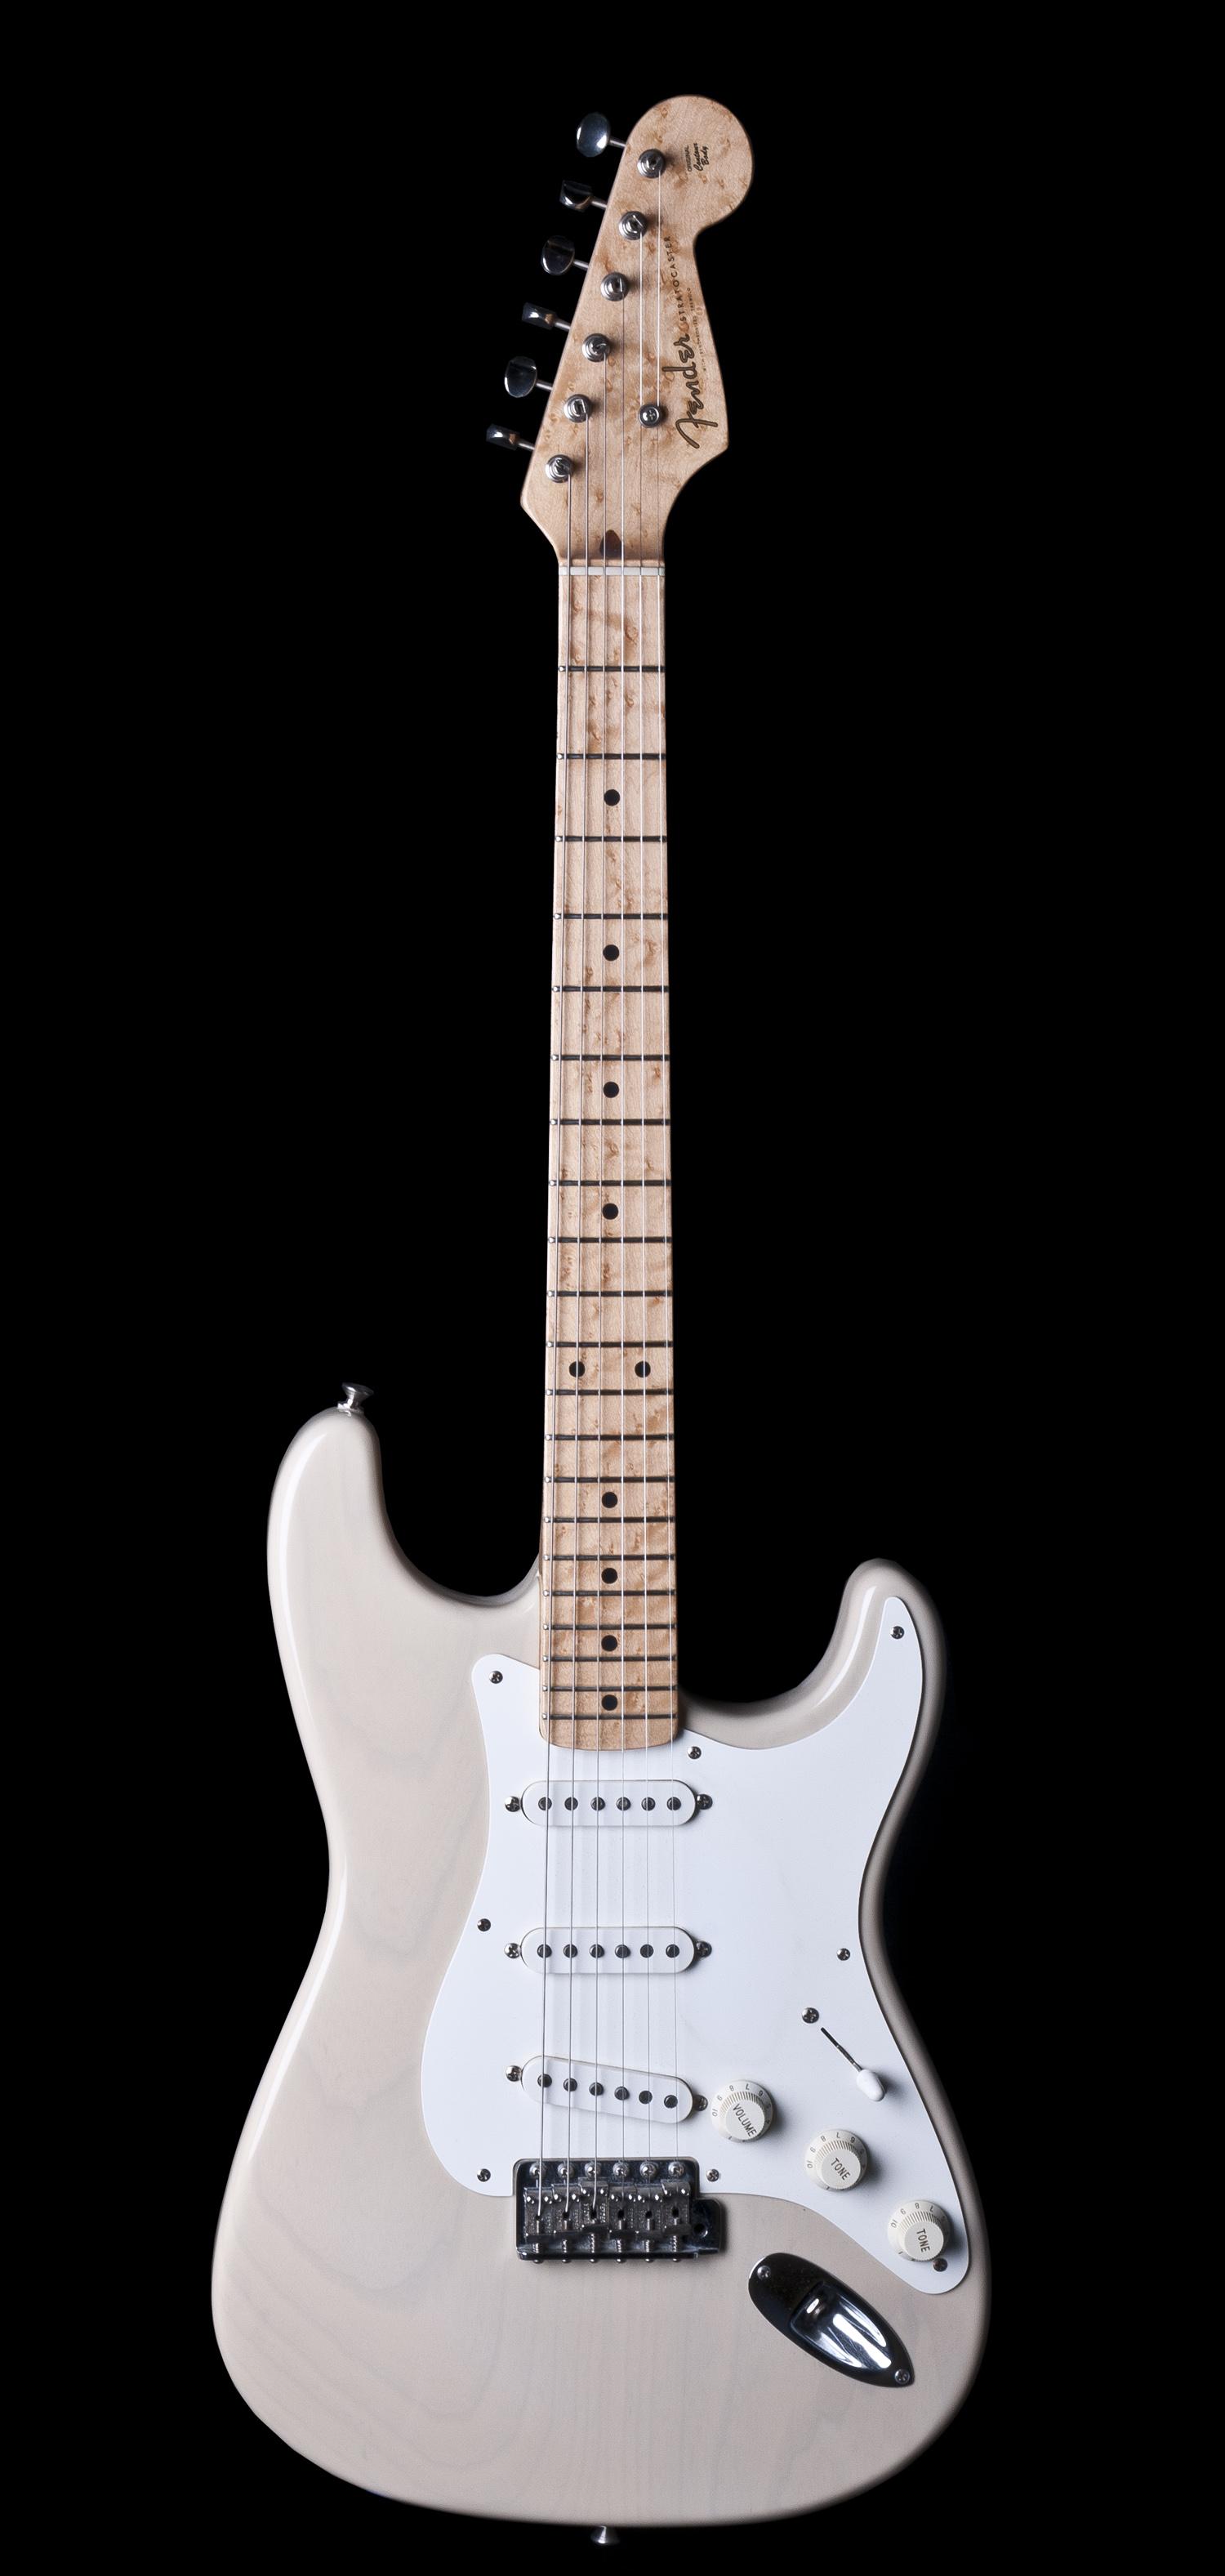 fender custom shop 1954 stratocaster electric guitar in white blonde ebay. Black Bedroom Furniture Sets. Home Design Ideas